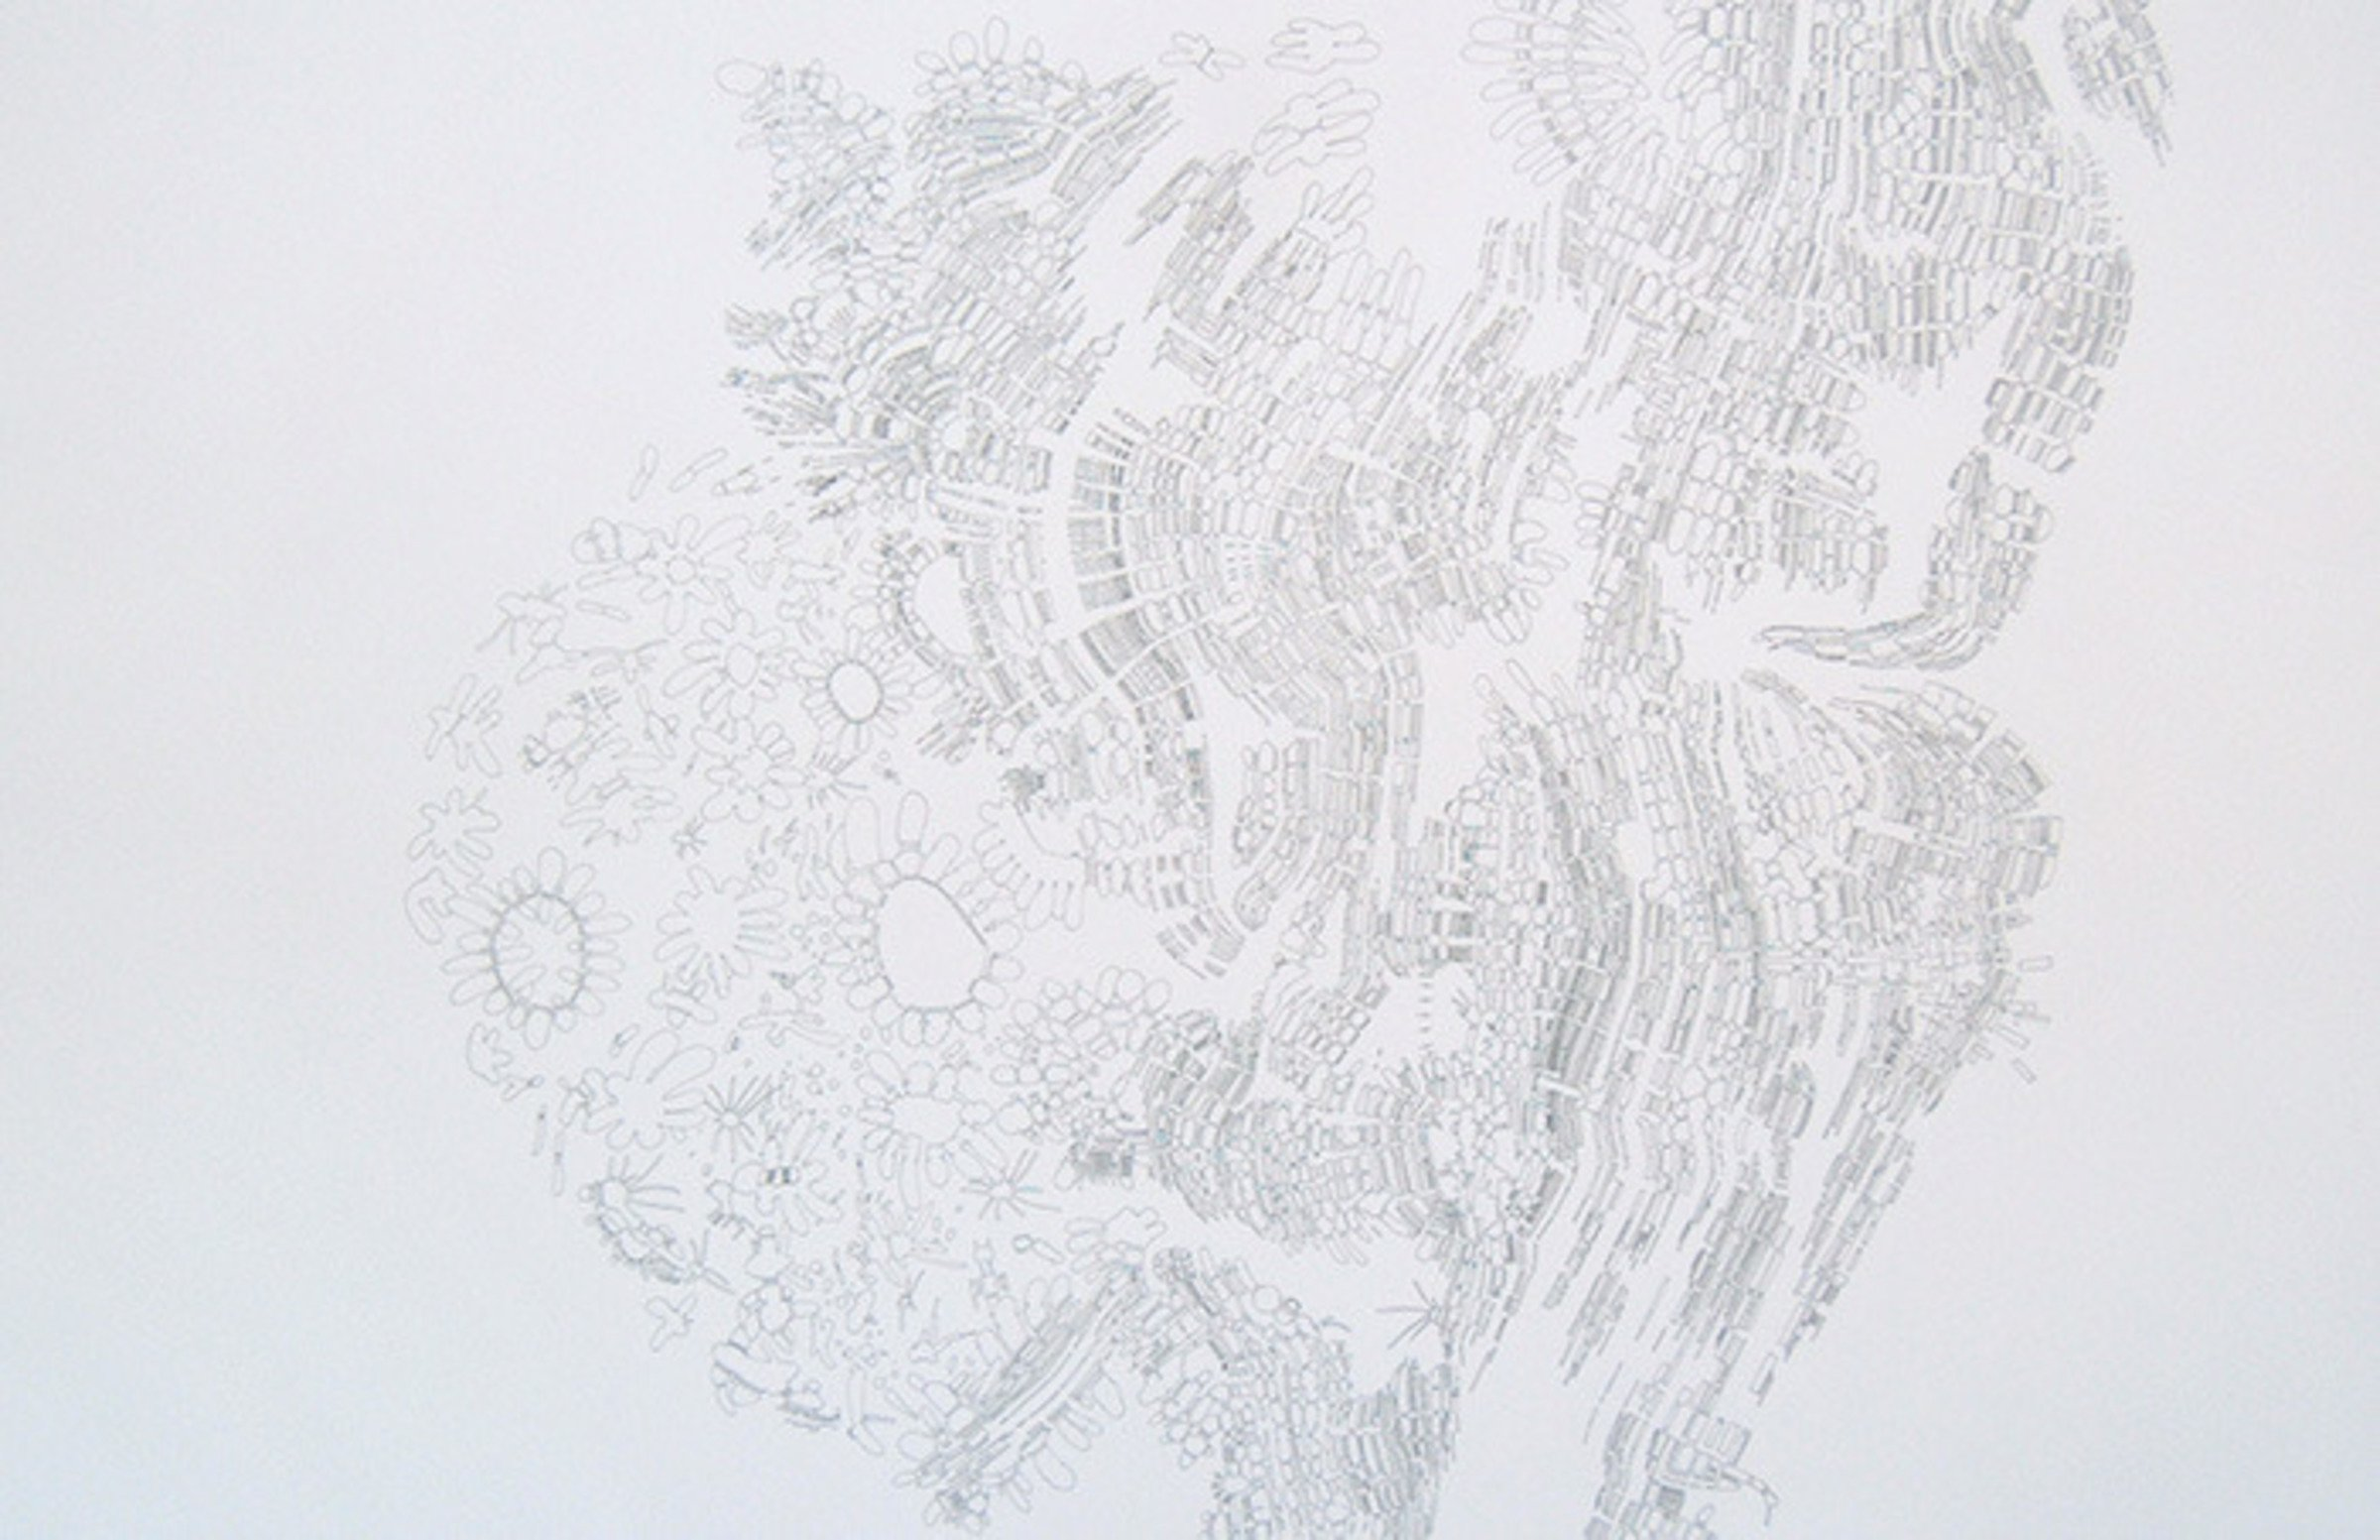 Colin Keefe, Mycelia, 2010